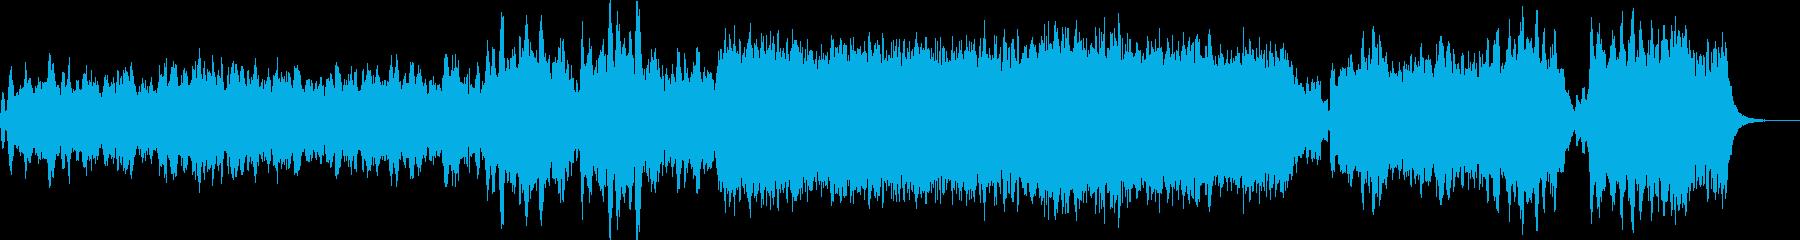 シンセとストリングスによる幻想曲の再生済みの波形